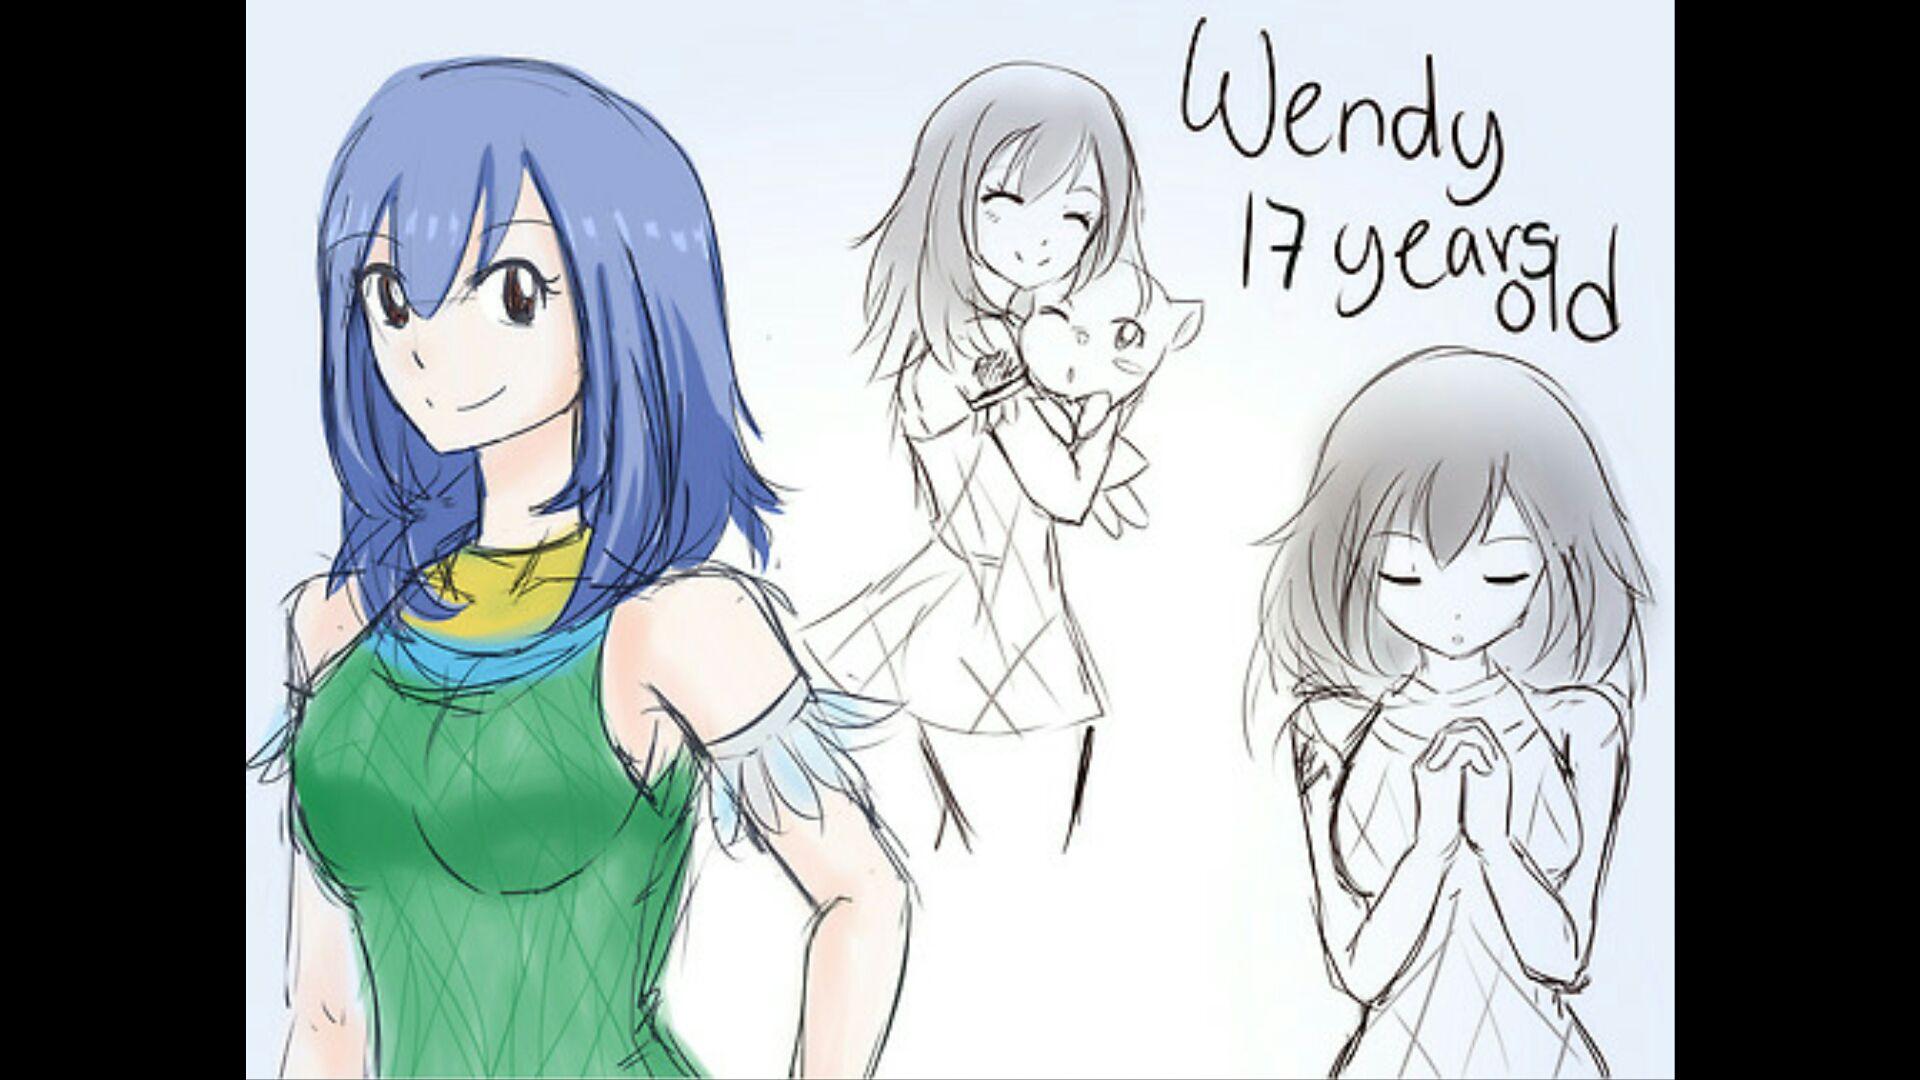 wendy and romeo